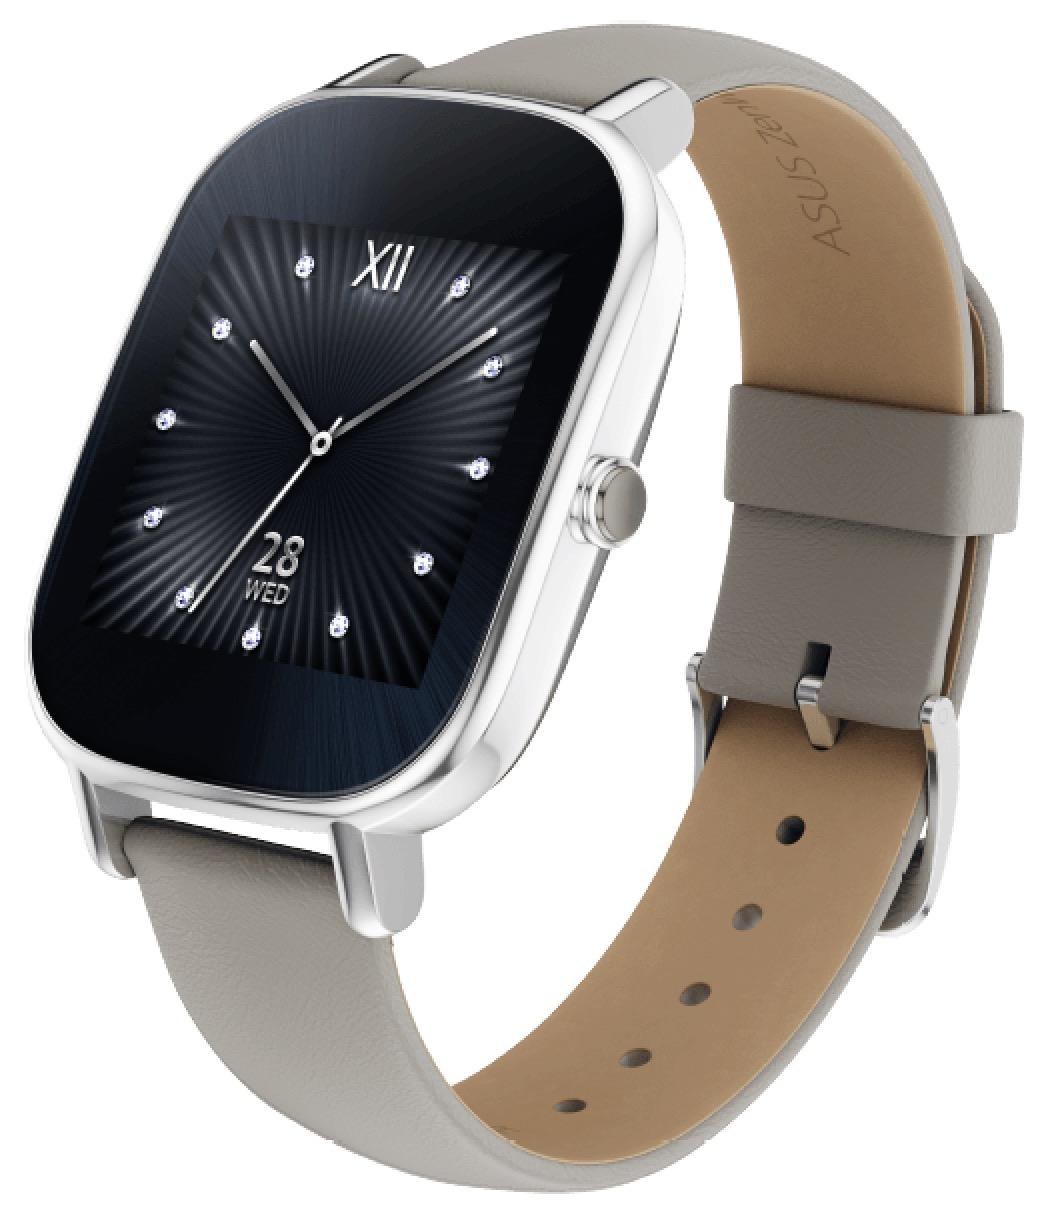 ASUS Zenwatch 2 Smart Watch für nur 99,- Euro inkl. Versand